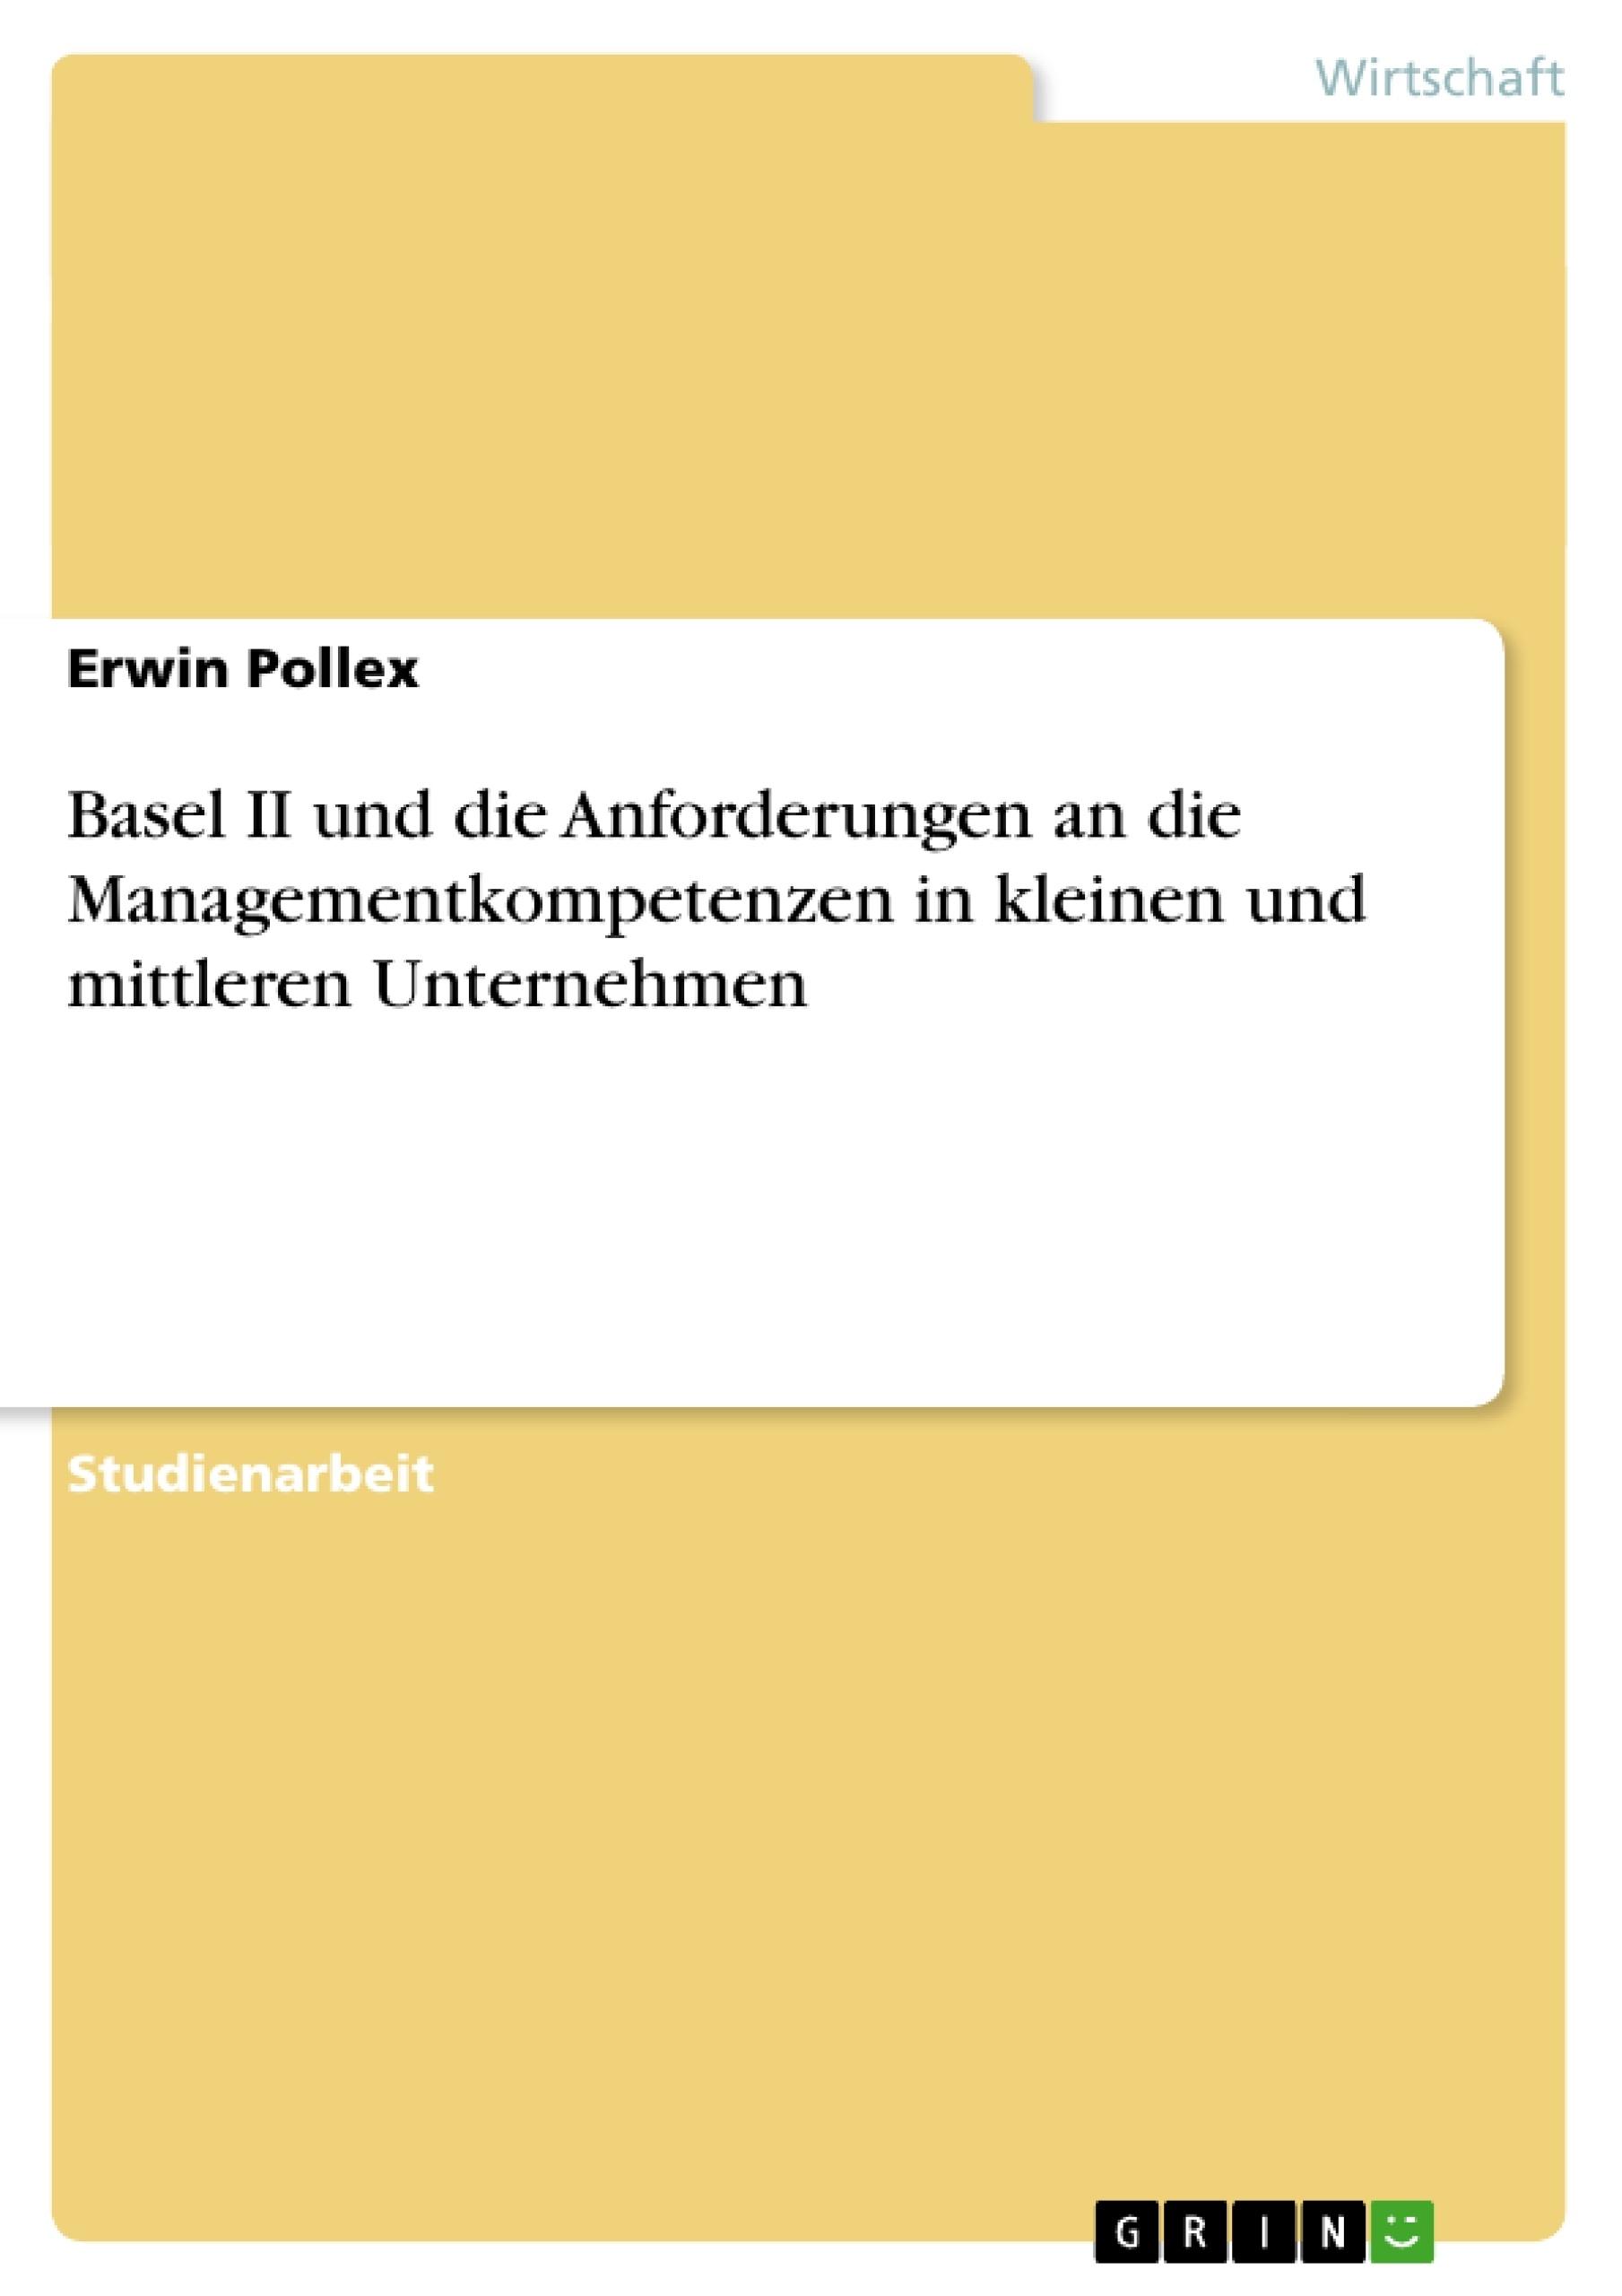 Titel: Basel II und die Anforderungen an die Managementkompetenzen in kleinen und mittleren Unternehmen